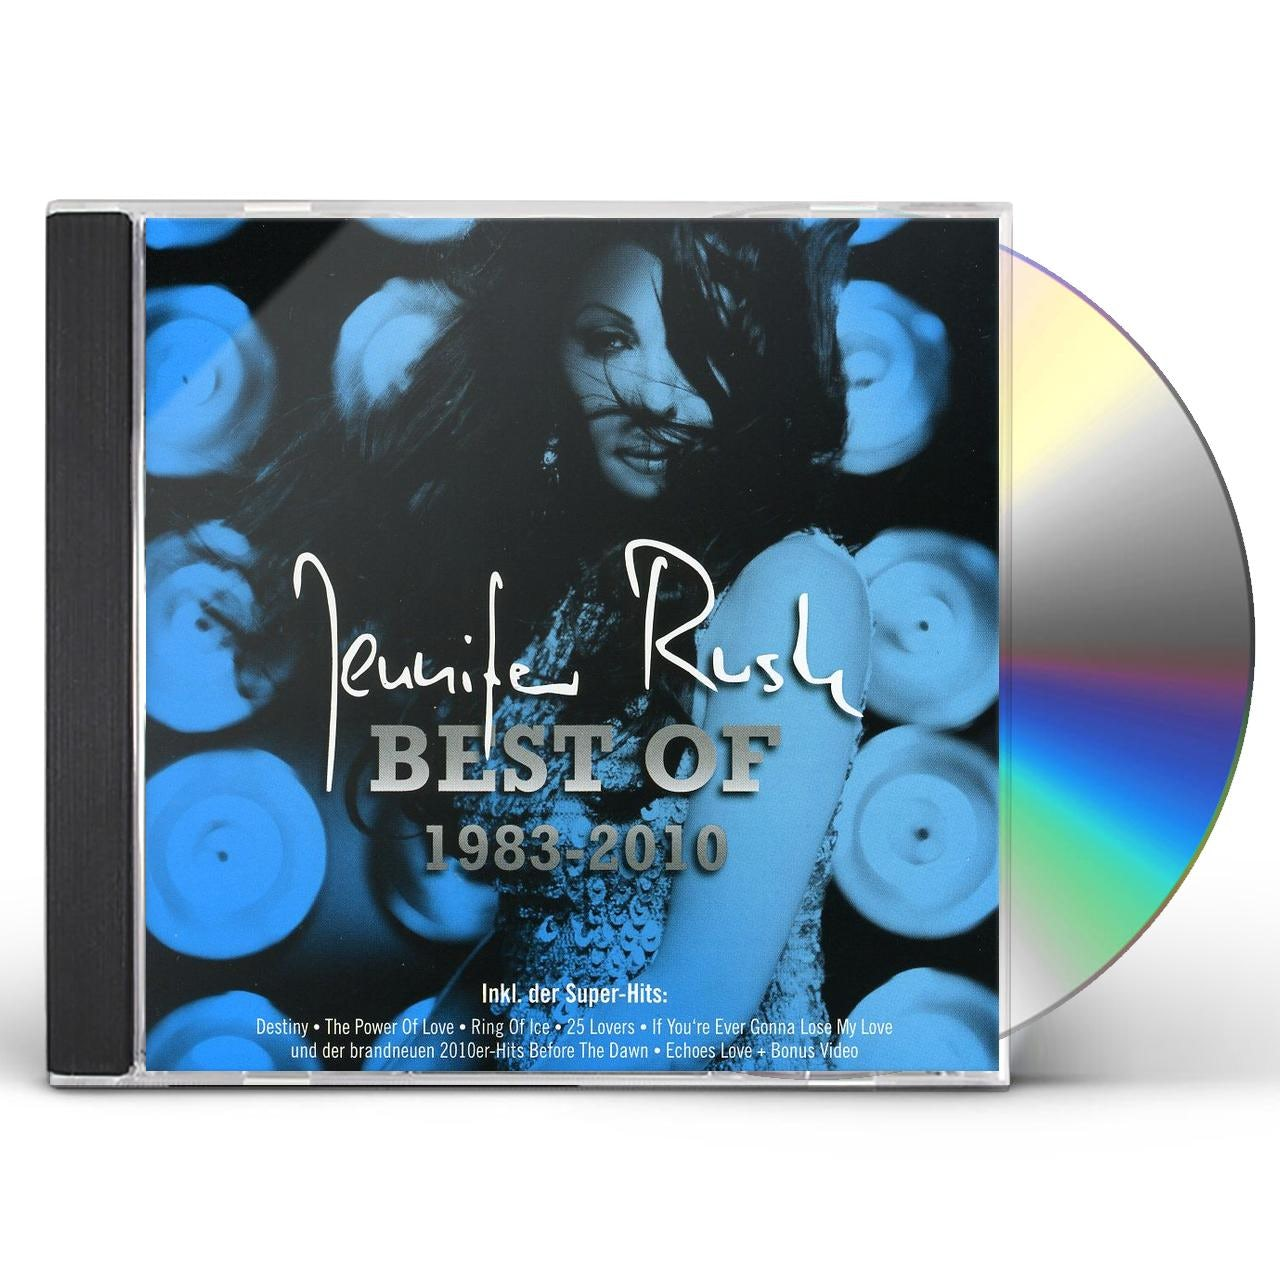 Jennifer Rush - CD Best of 1983-2010